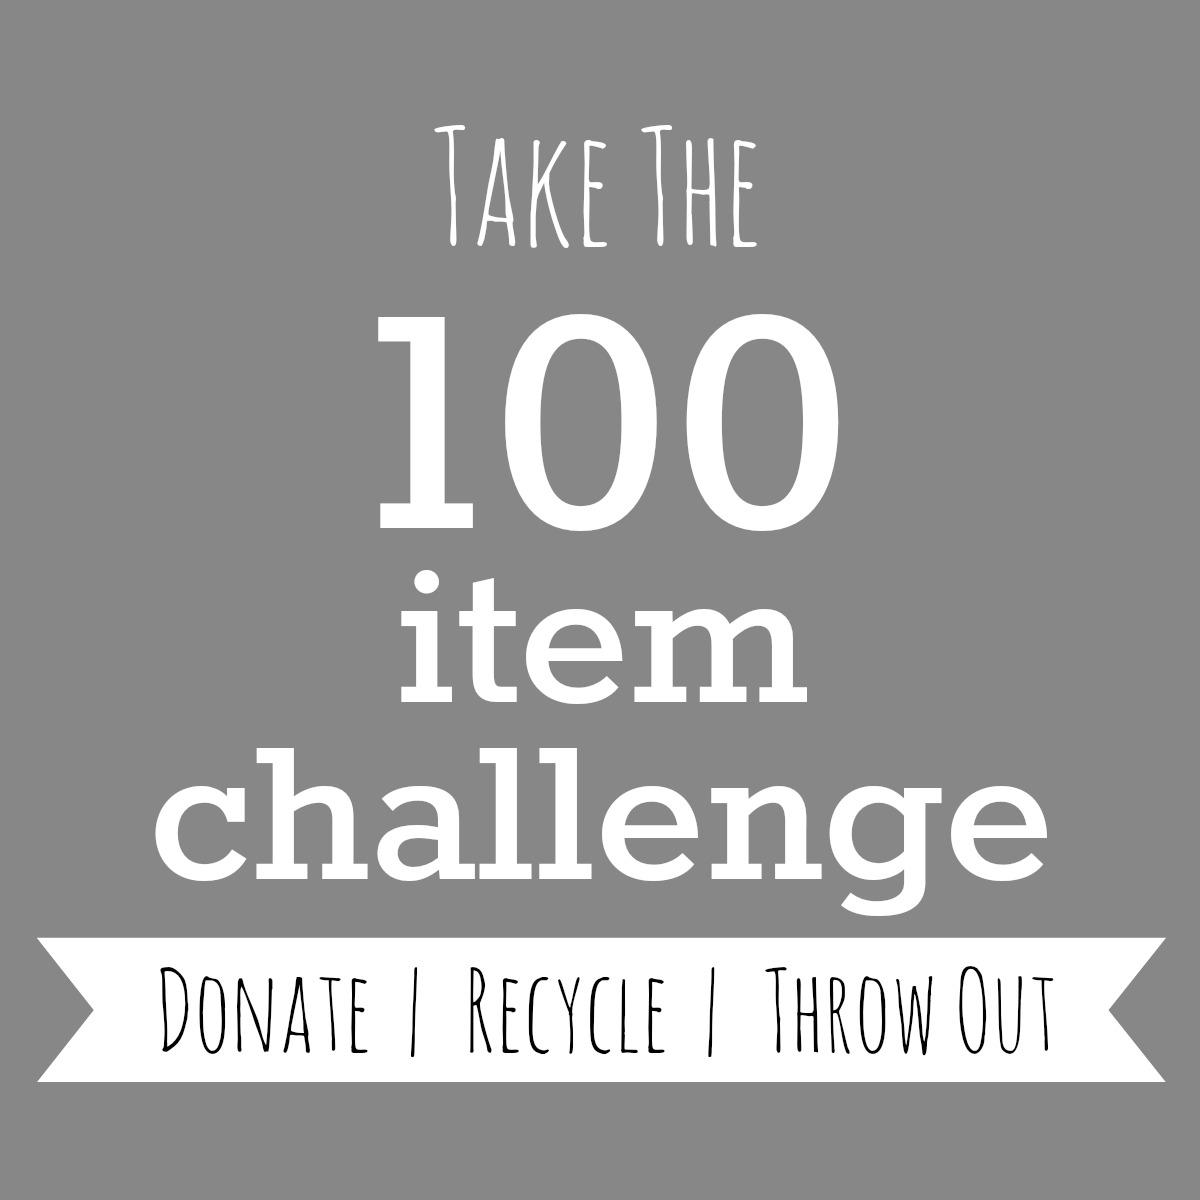 My 100 Item Challenge